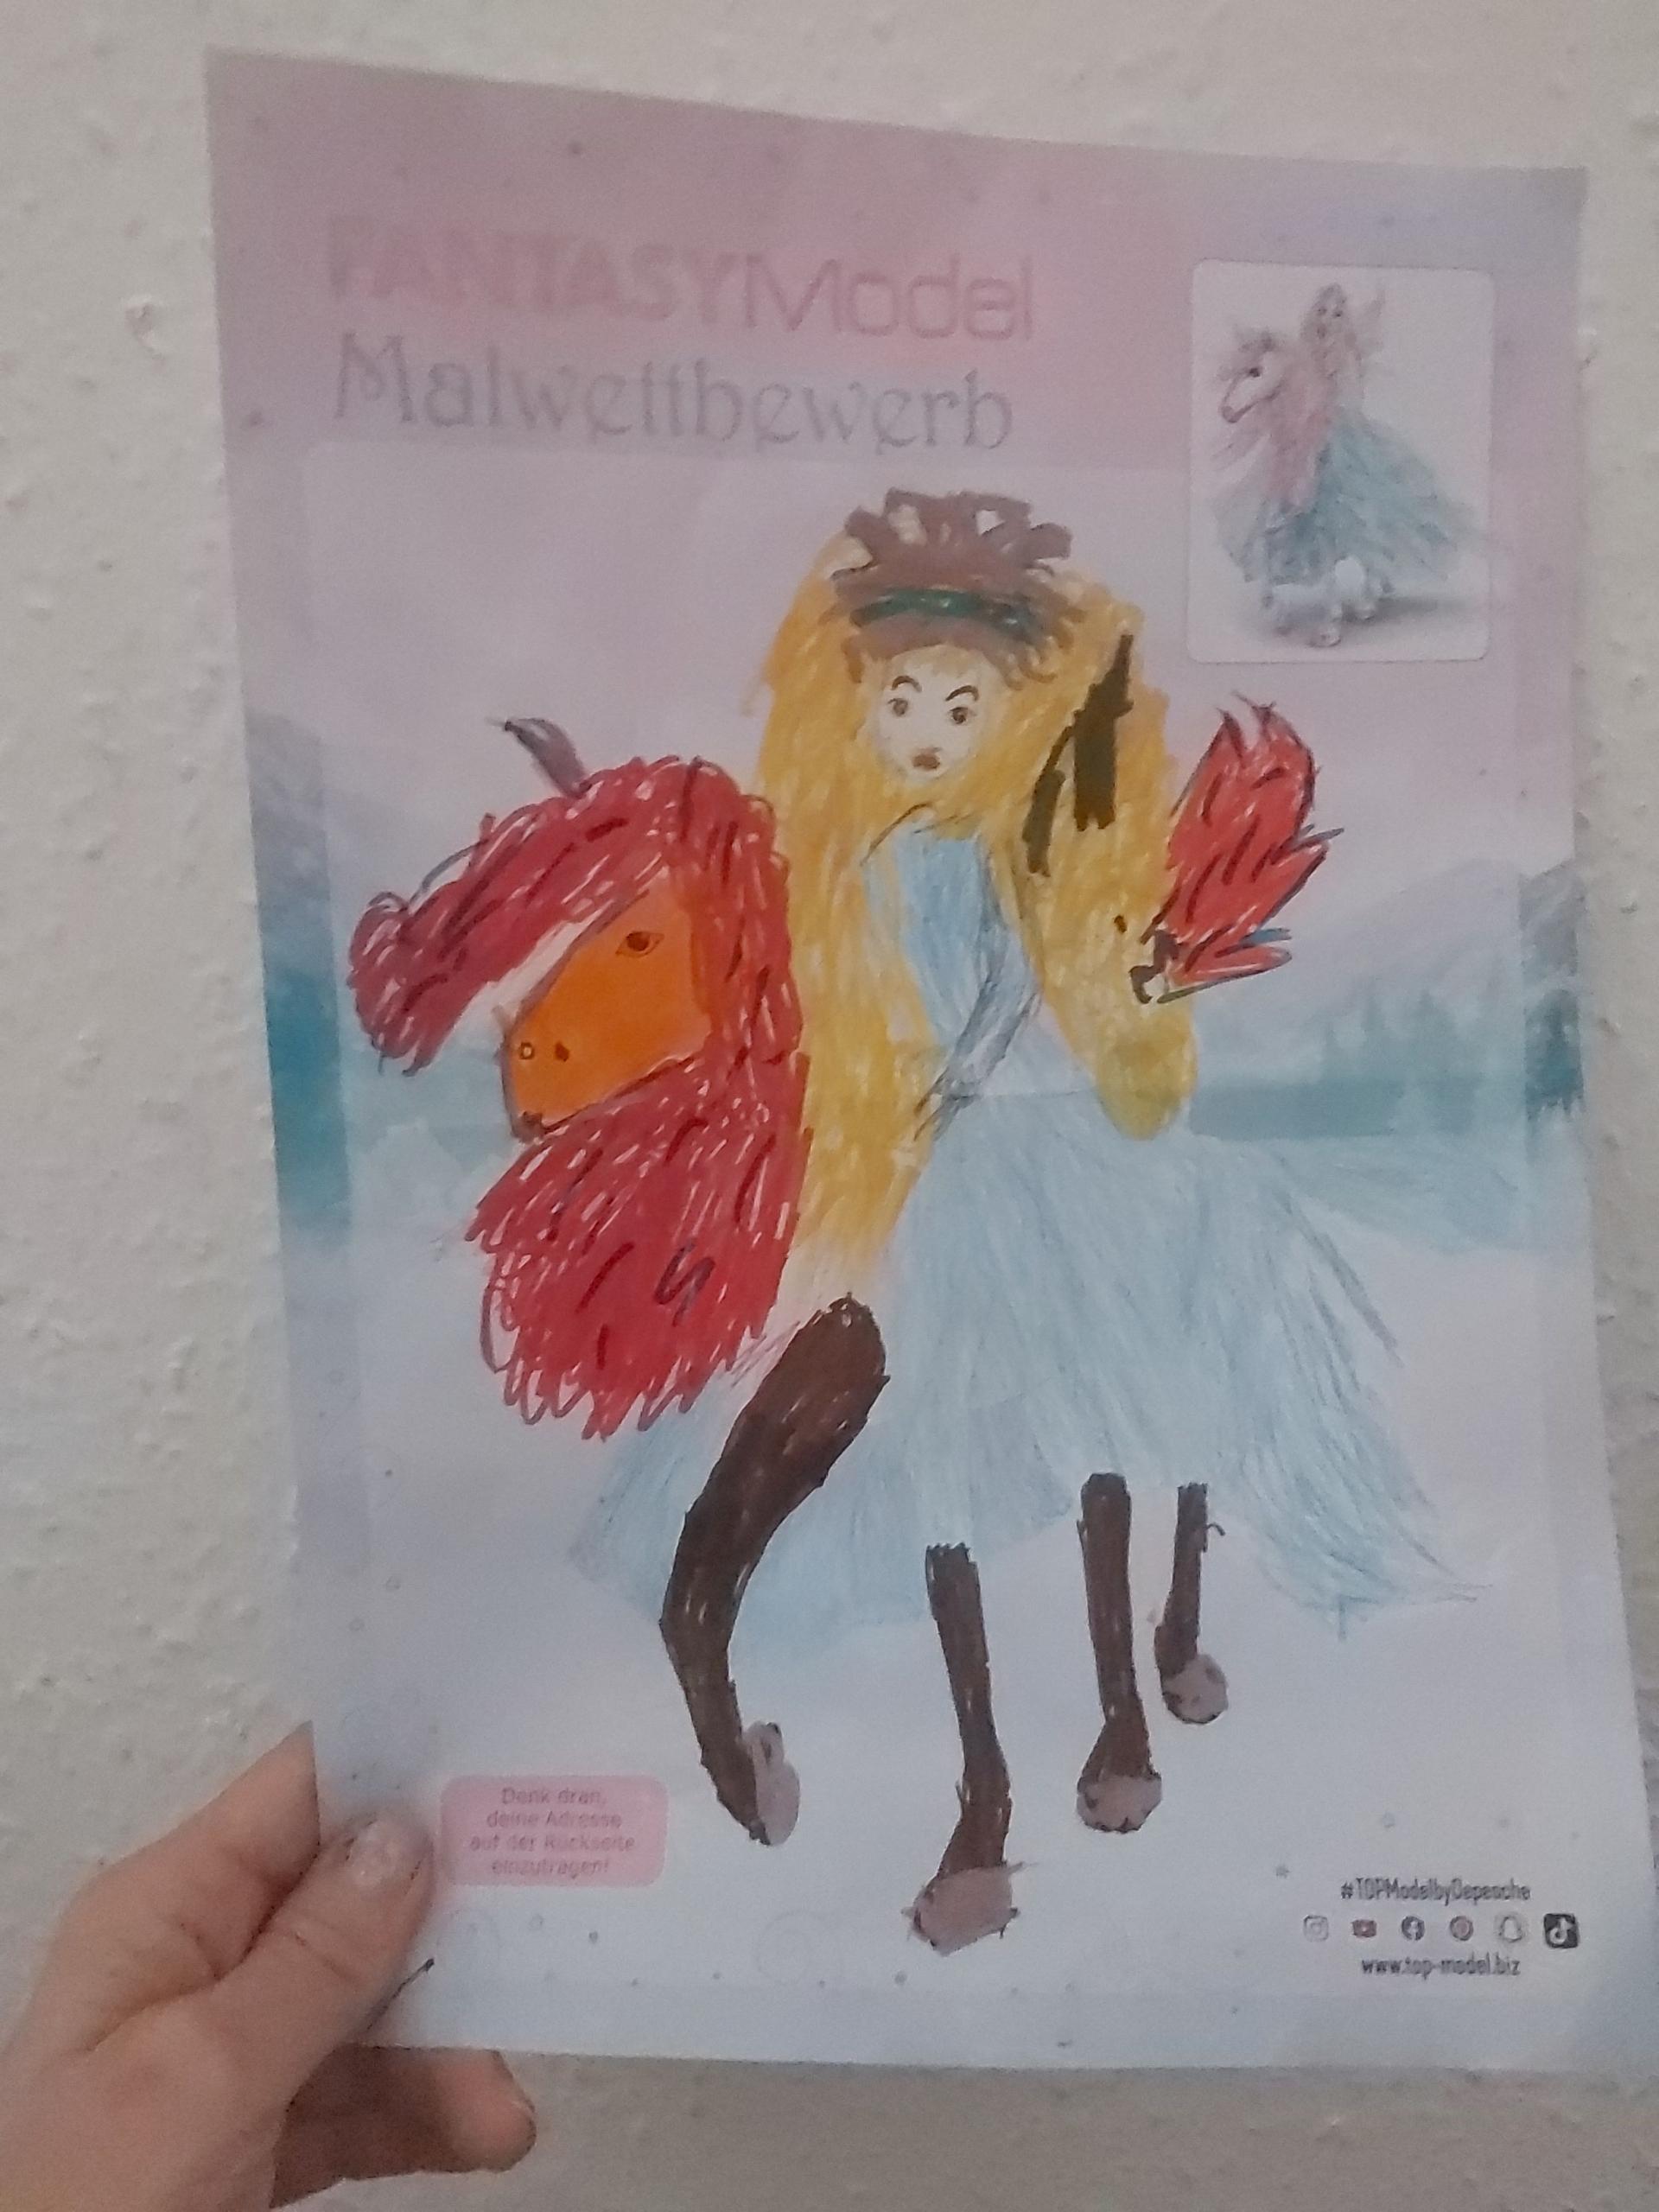 Emilia B., 7 Jahre, aus Chemnitz